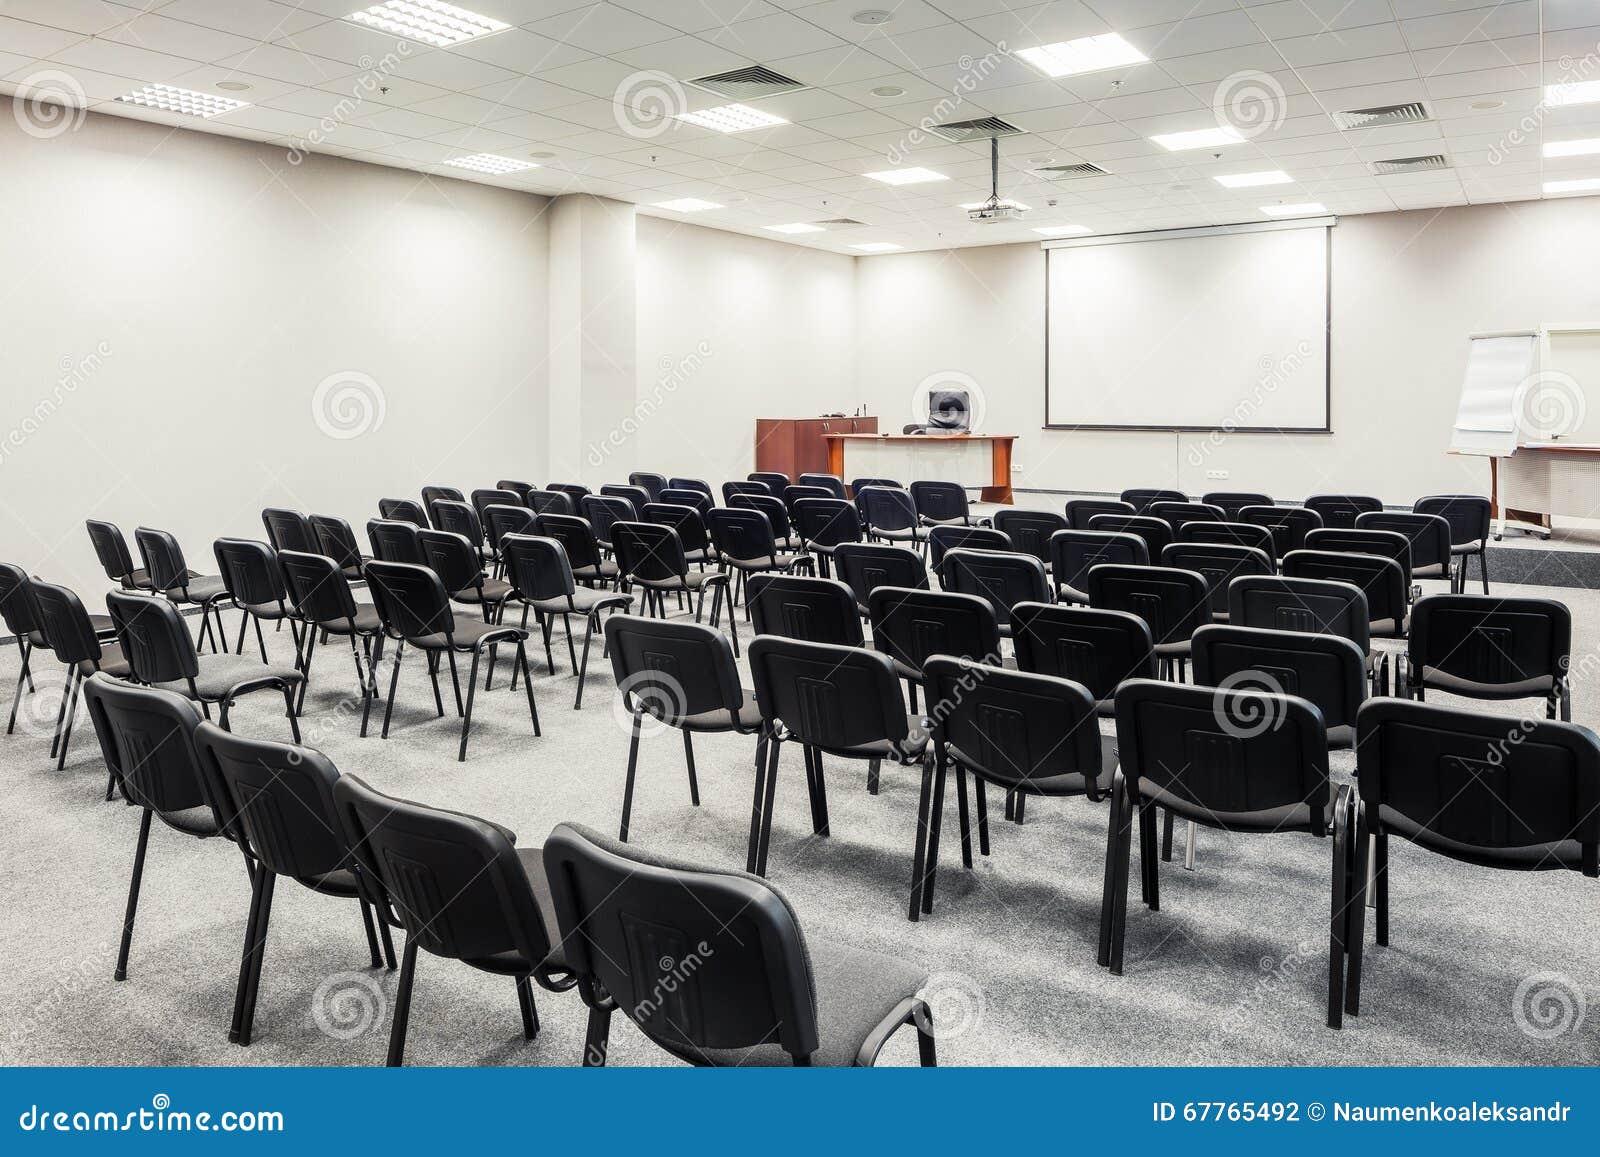 Sedie Nella Sala Per Conferenze Fotografia Editoriale ...